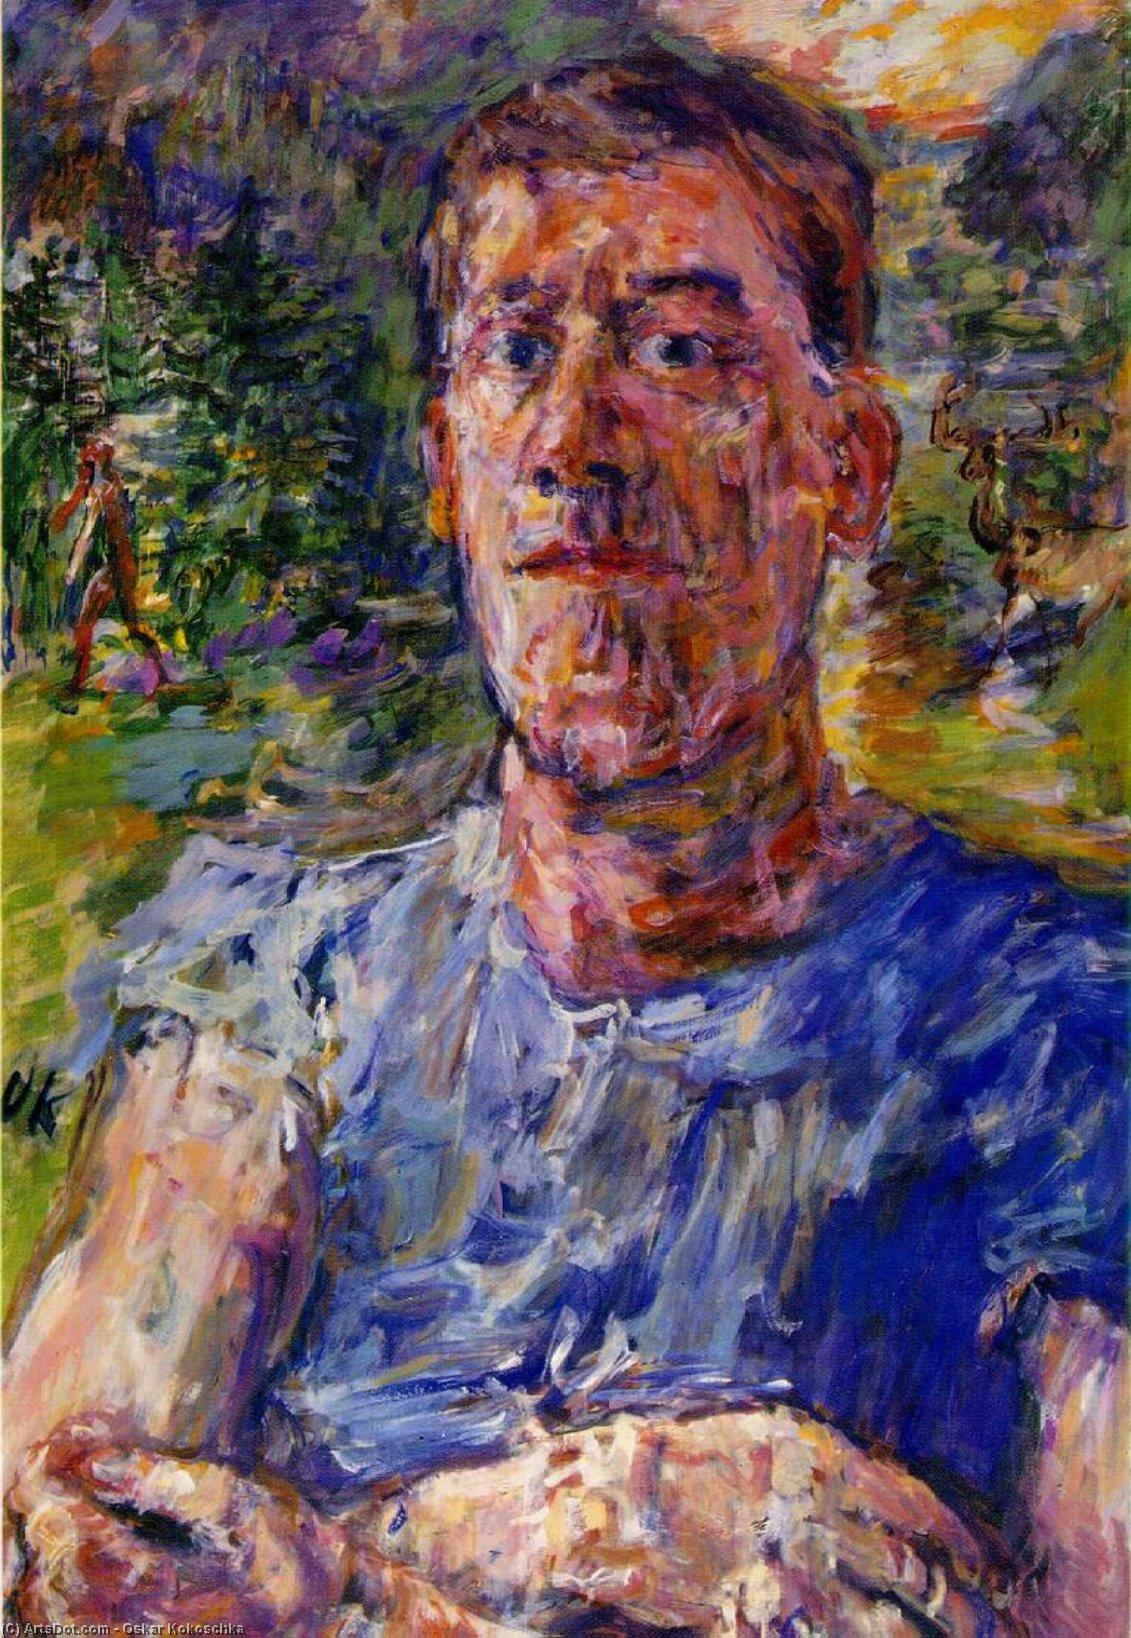 Self-portrait of a 'Degenerate Artist' - Oskar Kokoschka